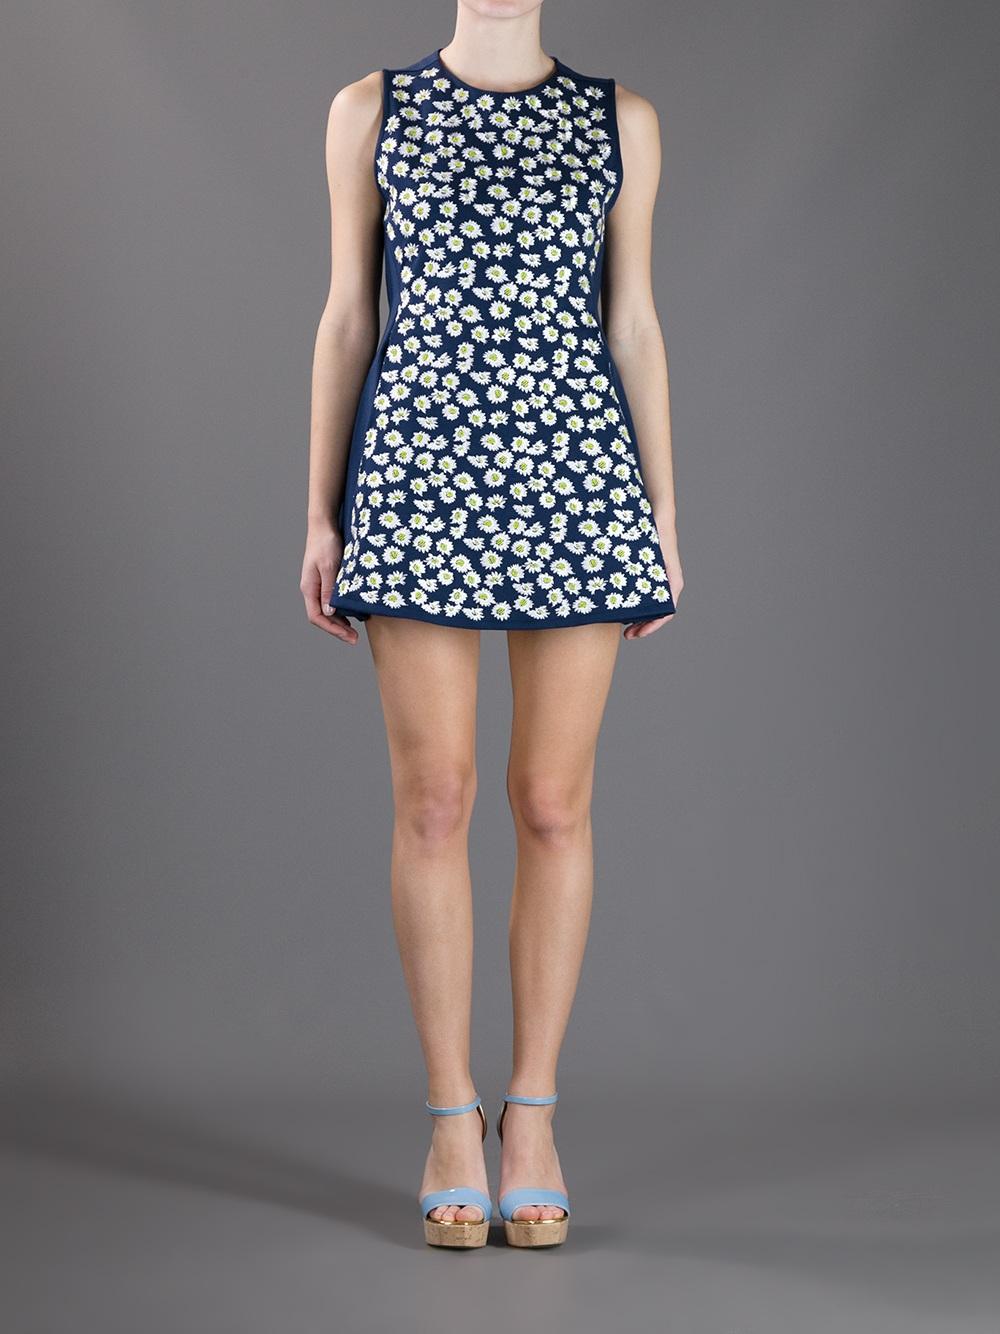 Kenzo Bee Print Dress In Blue Lyst